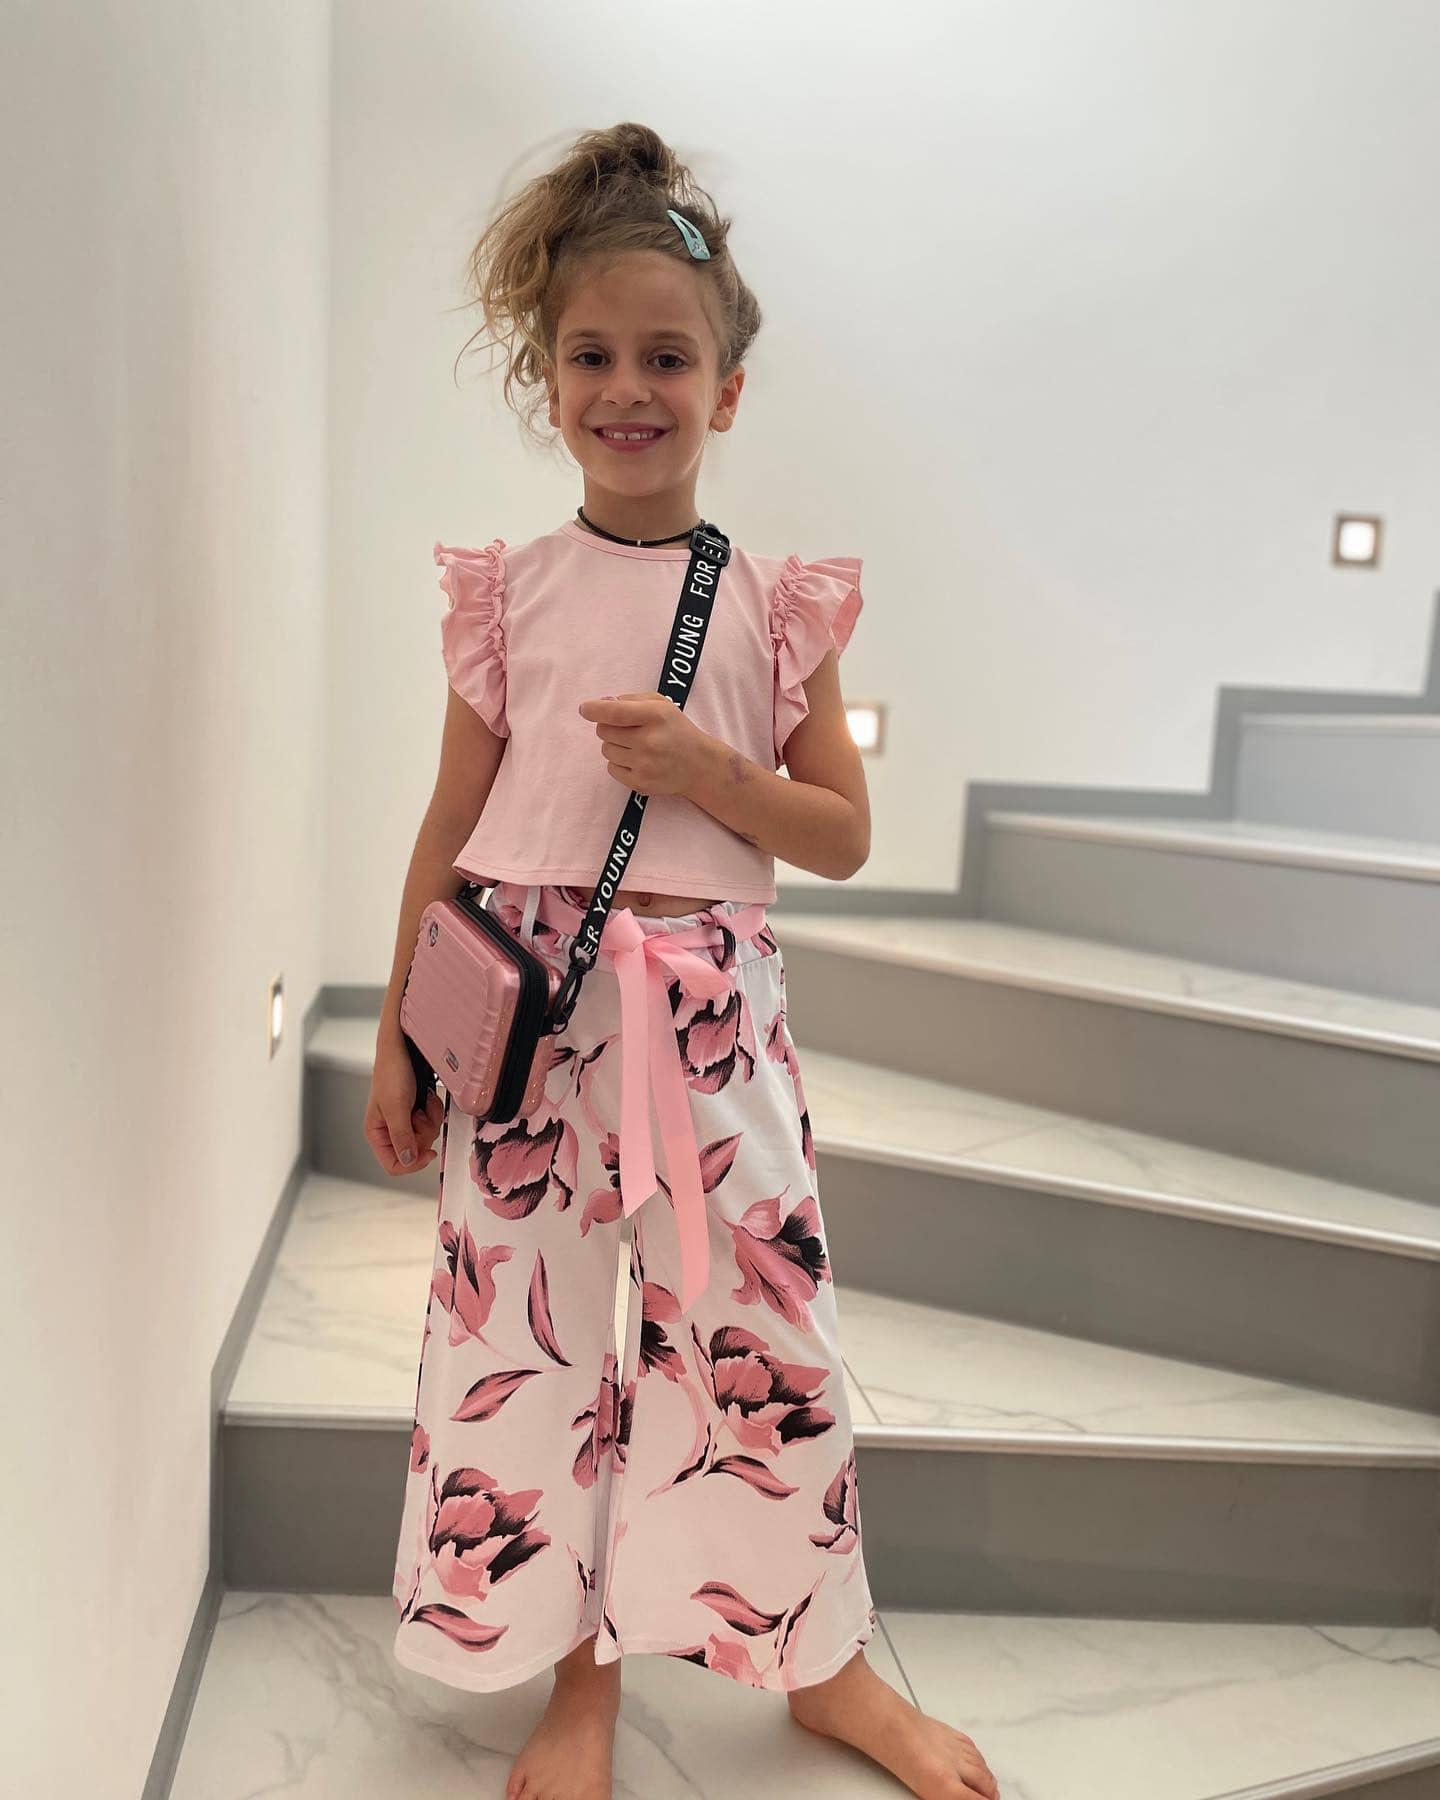 Mädchenoutfit zum Schulbeginn in Rosa mit einfarbigem Shirt mit Flügelärmeln und einer weit ausgestellten Hose mit Blüten, dazu eine rosa Umhängetasche